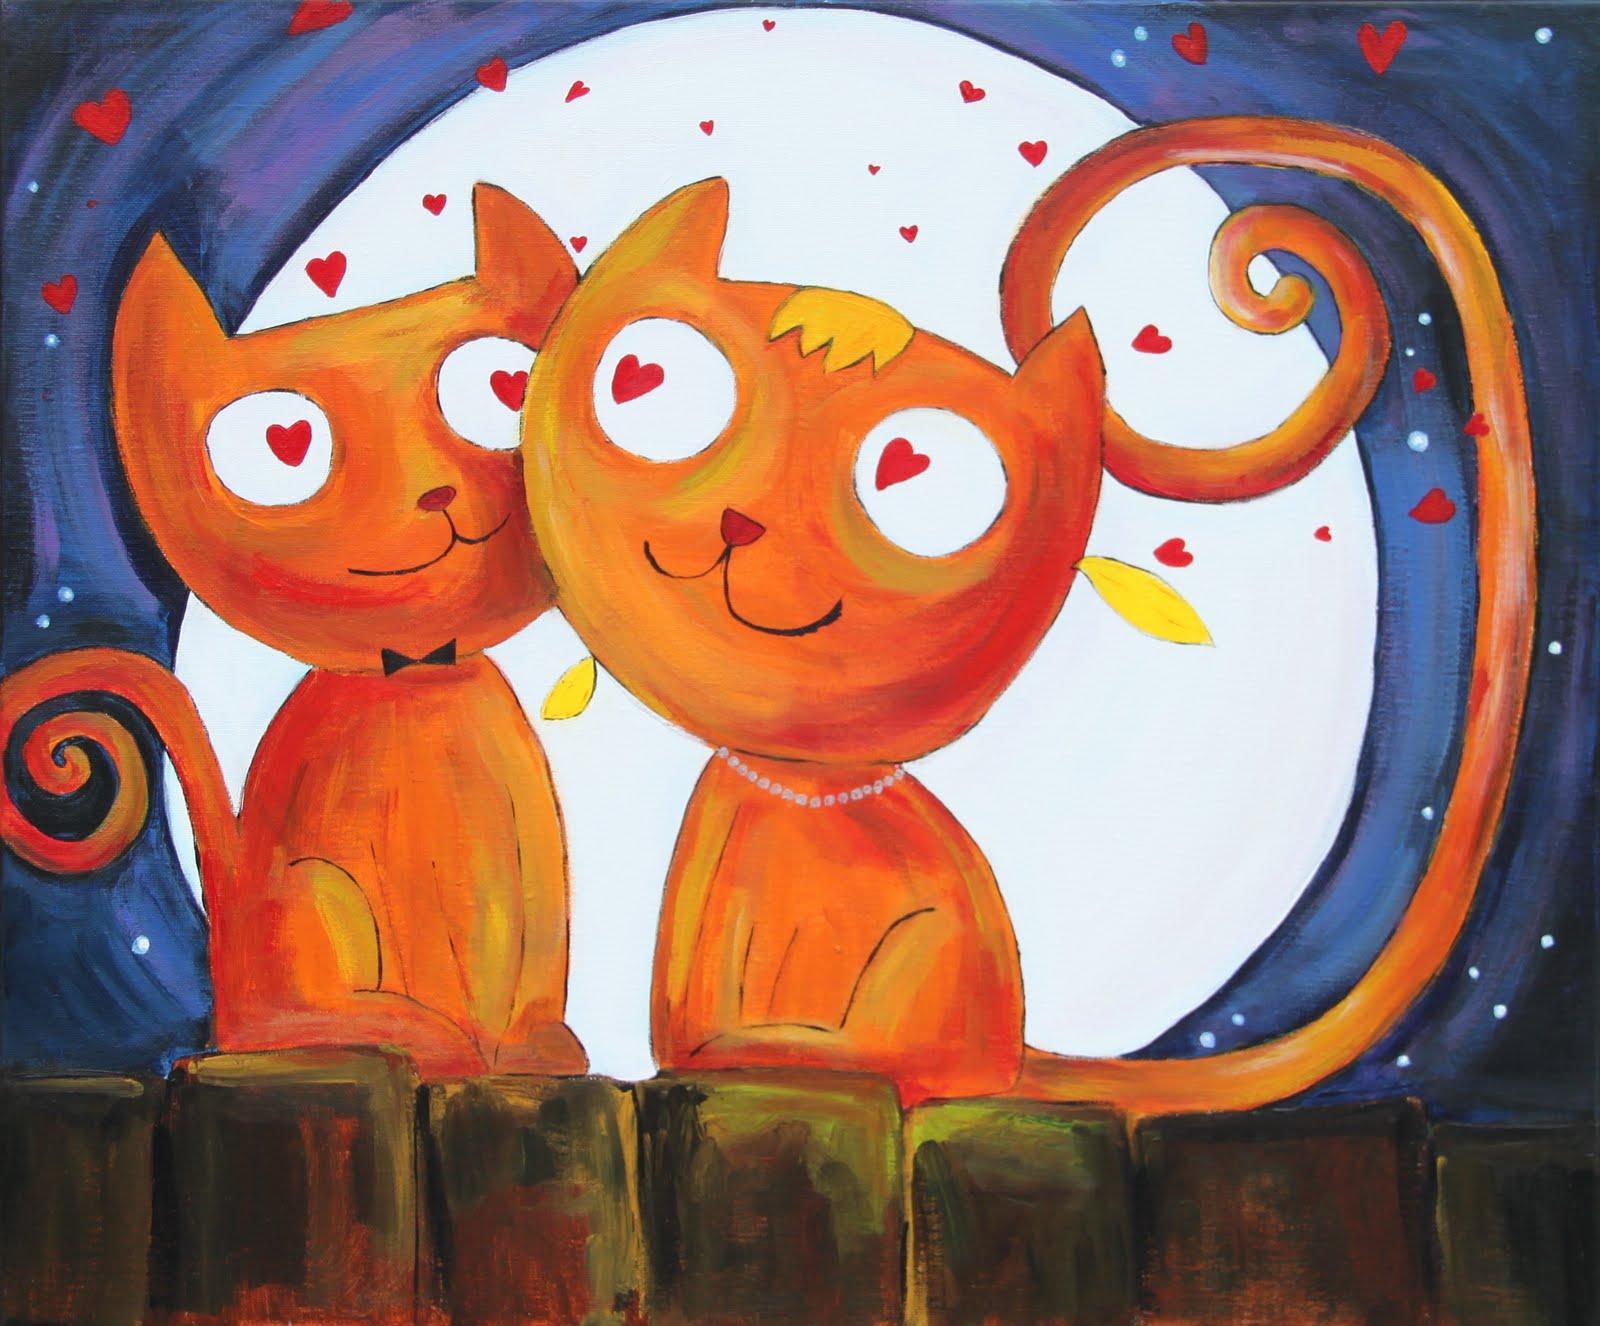 Atelier soeff schilderij van jeannette v a - Associatie van kleur e geen schilderij ...